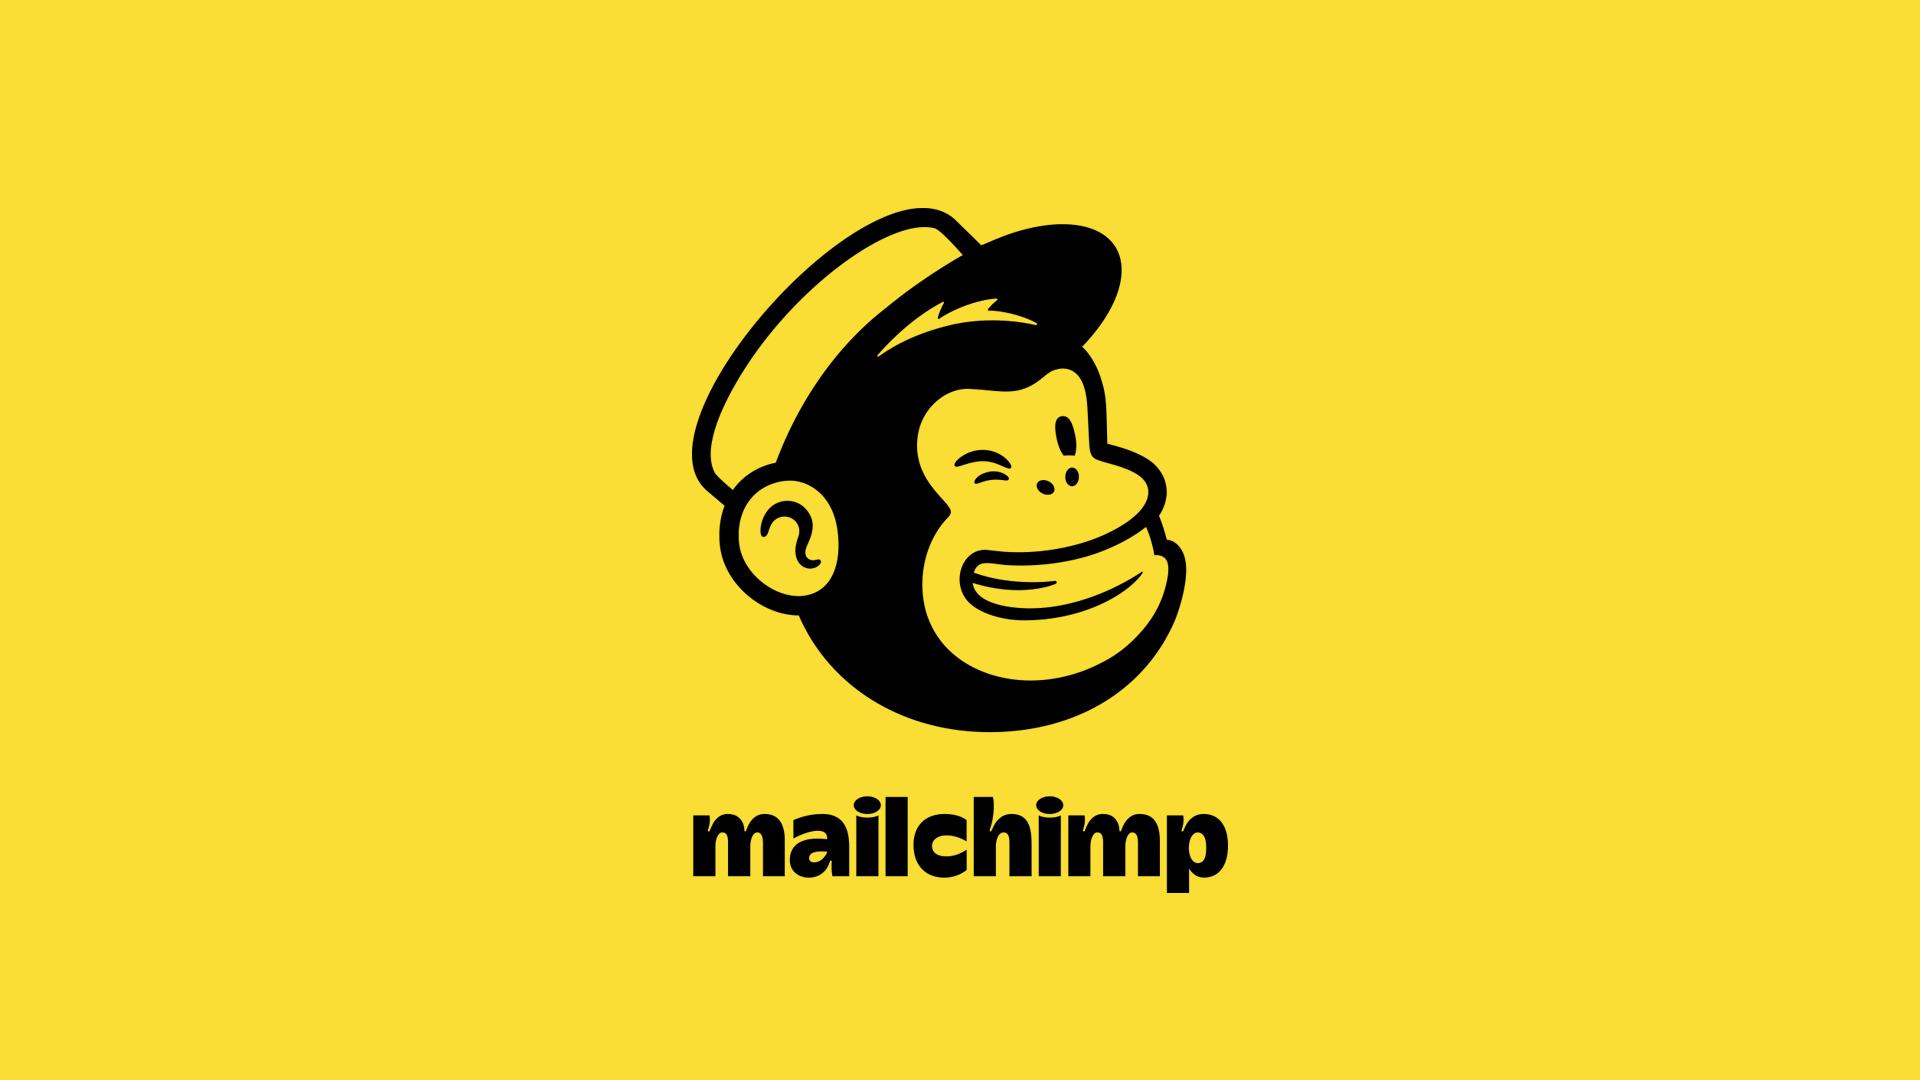 MailChimpBlklogo-Yellow1920px.jpg